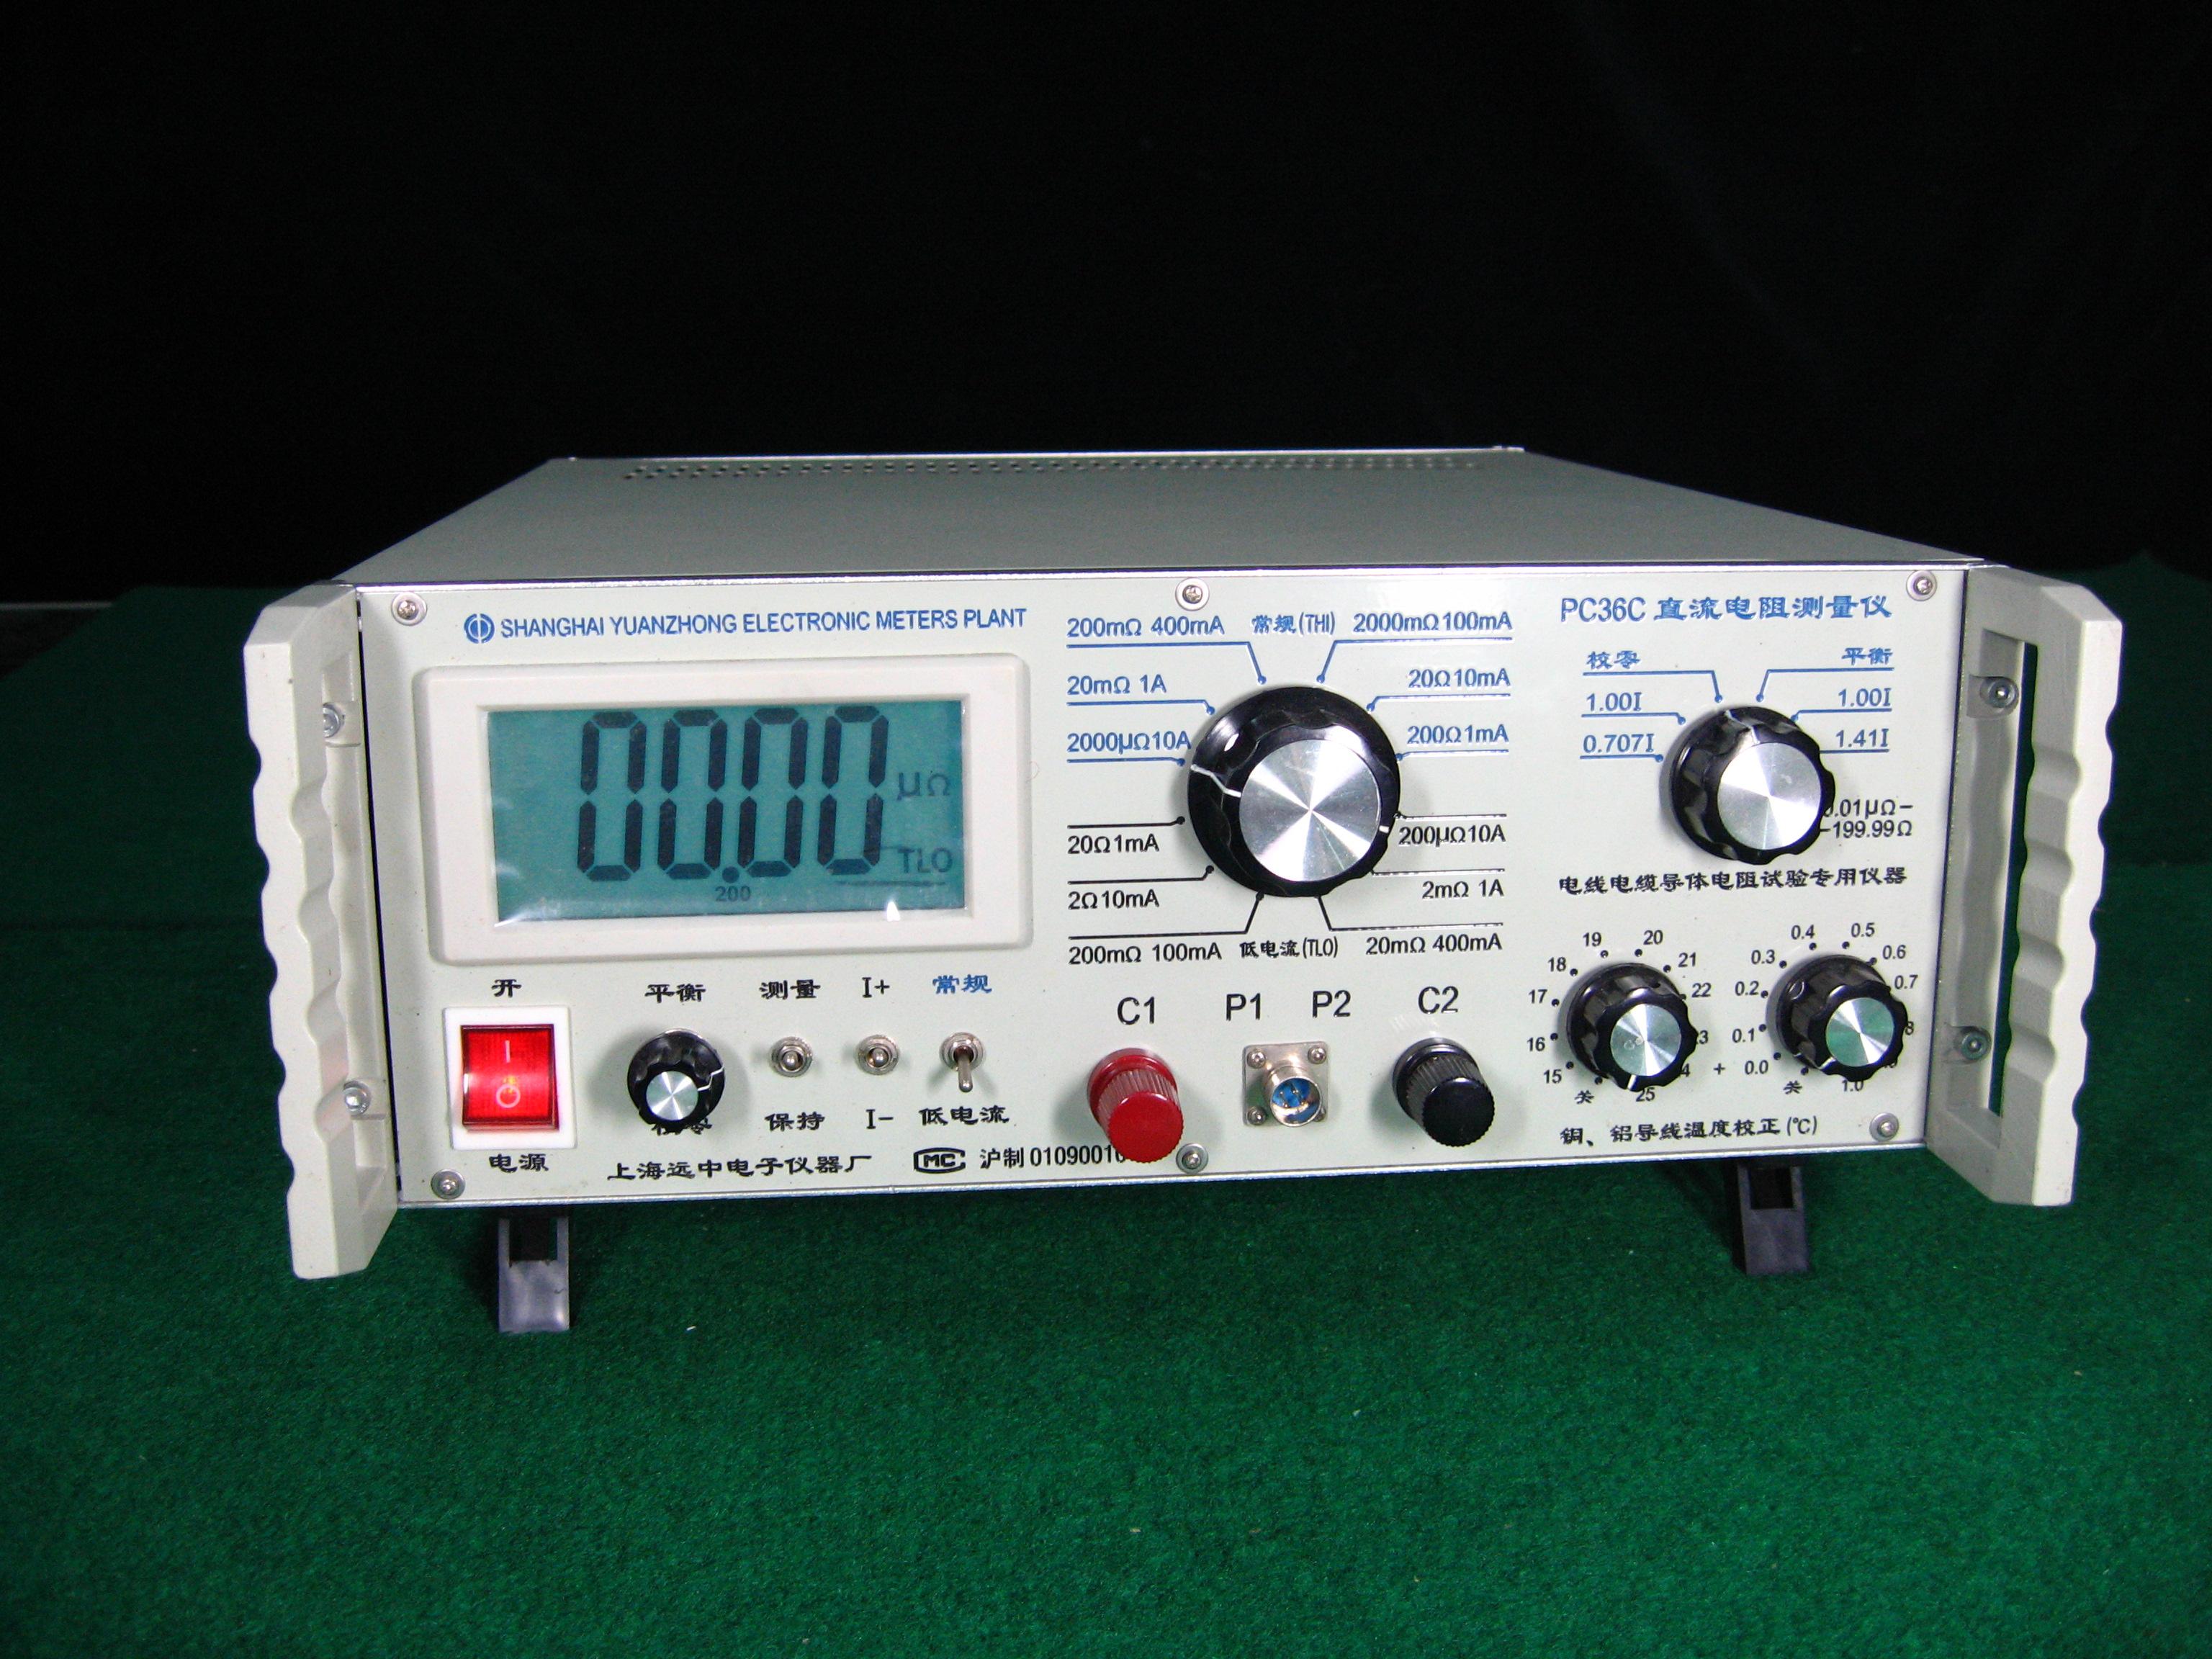 【电子尺寸测量仪】价格_电子尺寸测量仪图片 - 京东